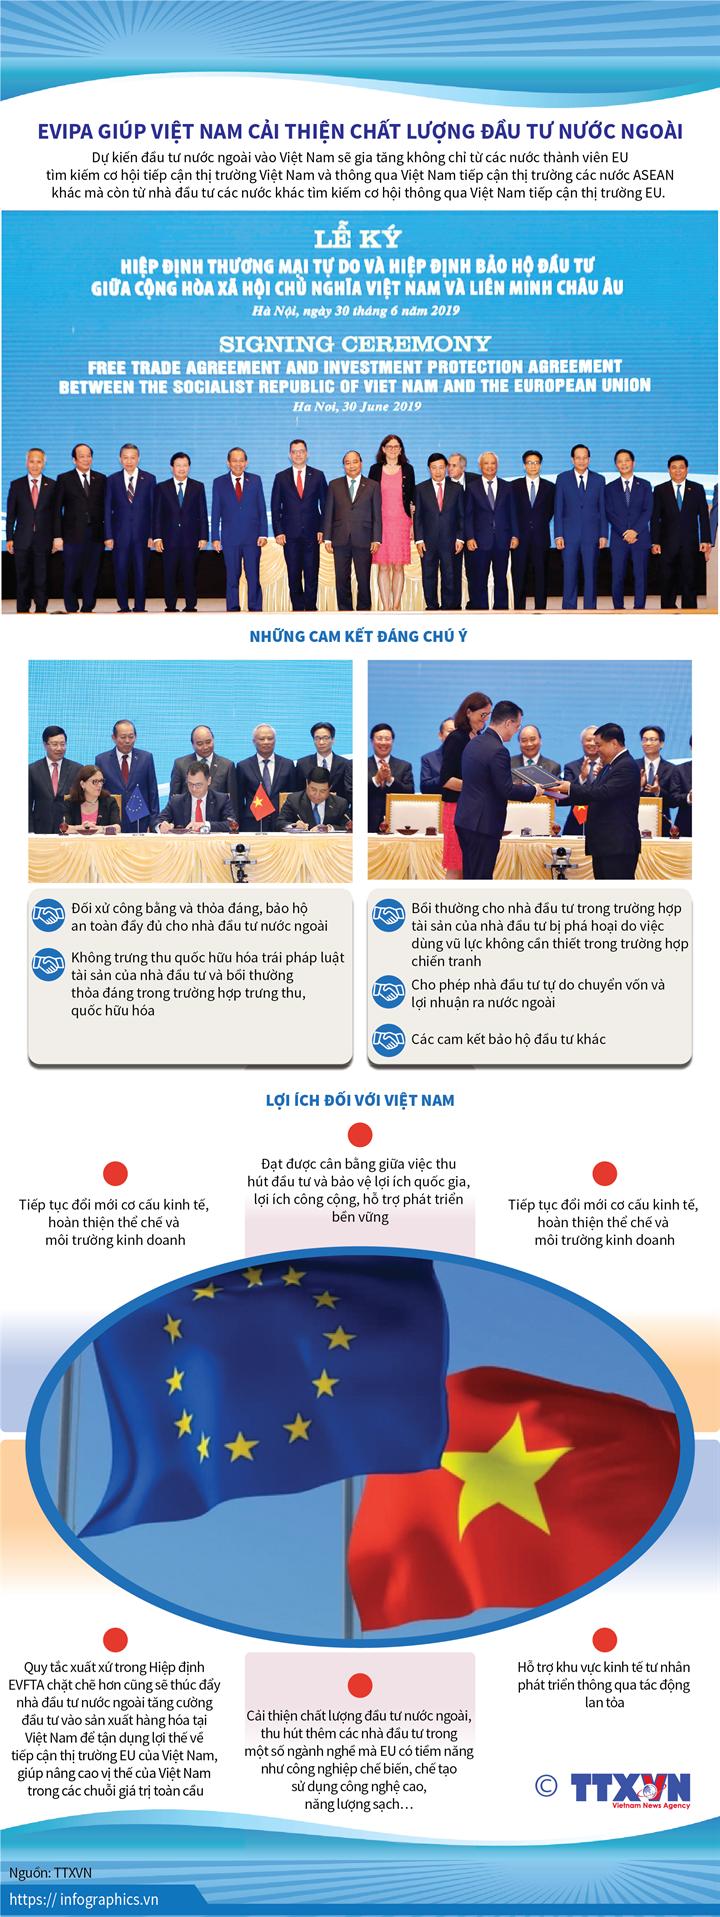 EVIPA giúp Việt Nam cải thiện chất lượng đầu tư nước ngoài